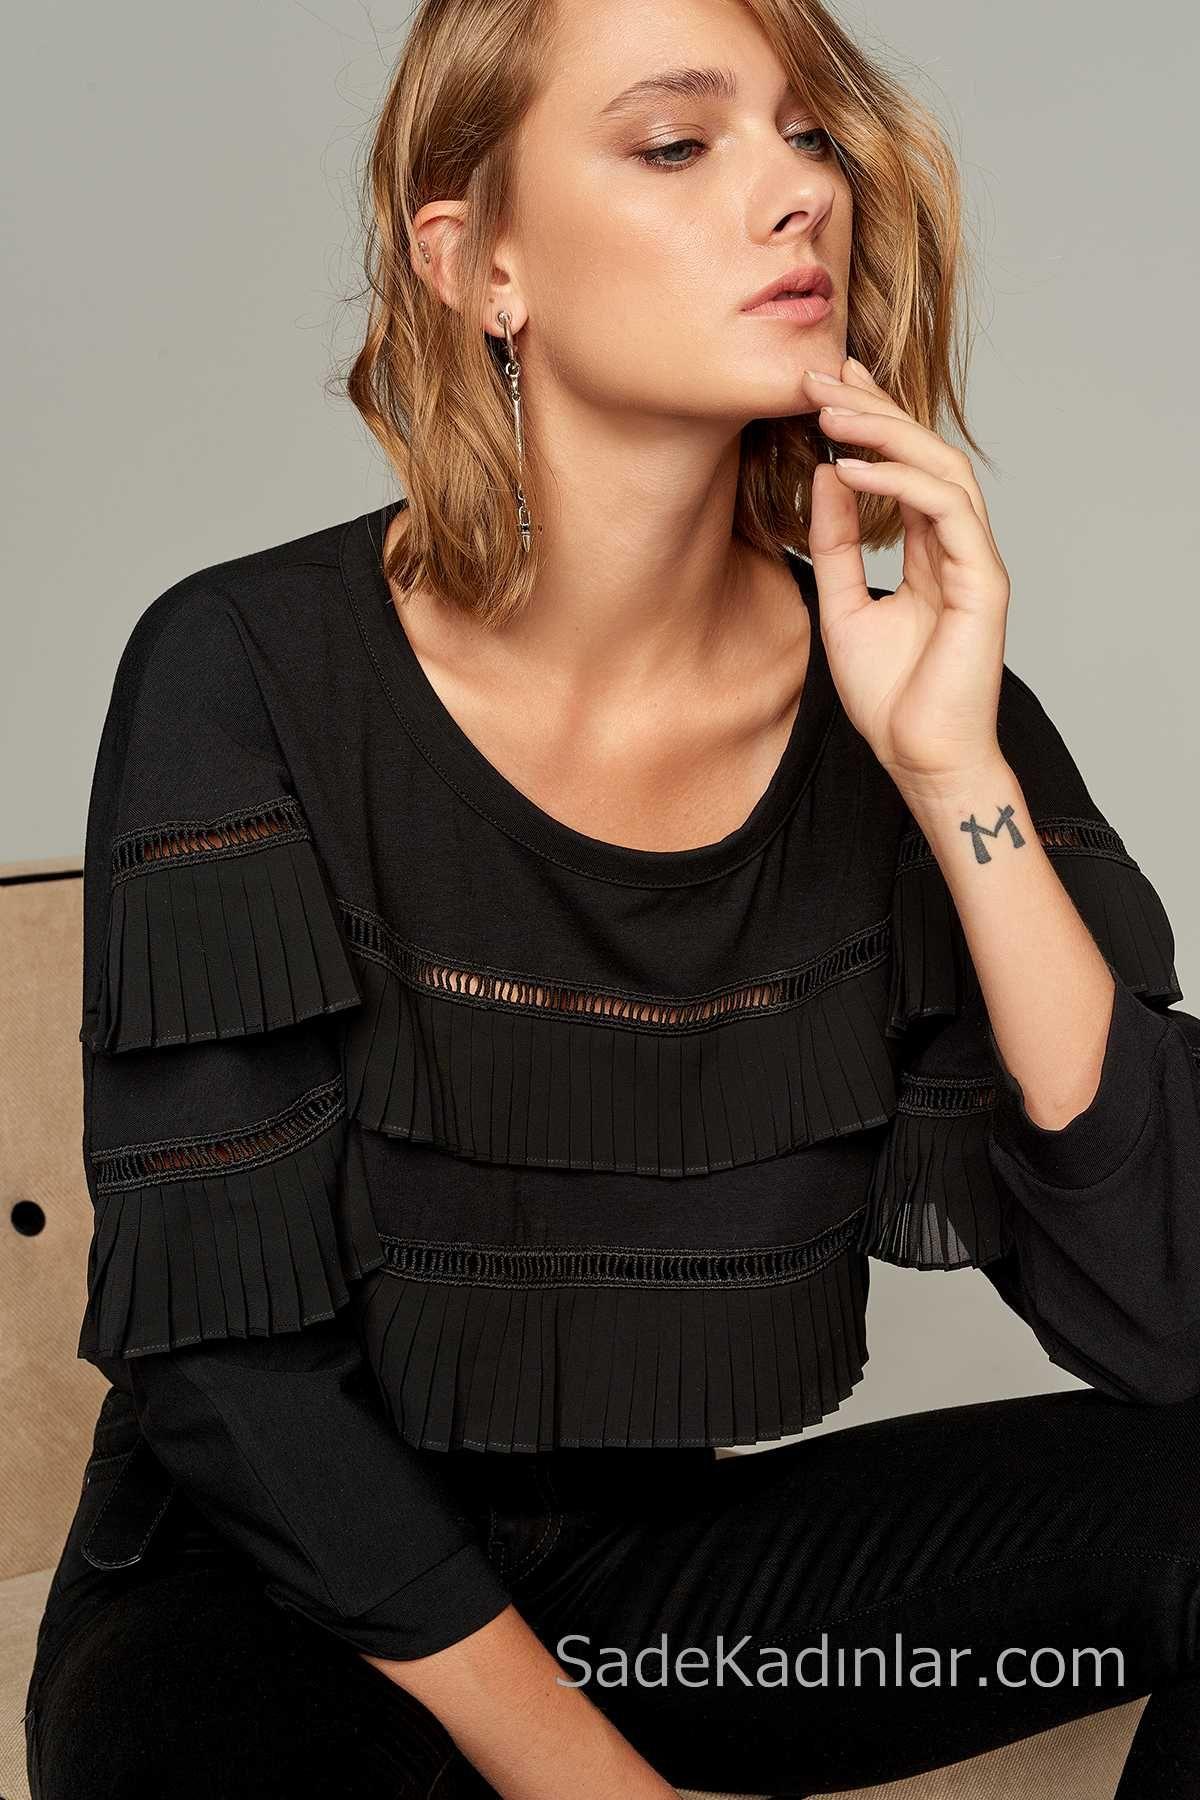 Sik Kombinler Icin 2020 Bluz Modelleri Siyah Yuvarlak Yaka Puskul Detayli Bluz Afrika Modasi Bluz Modelleri